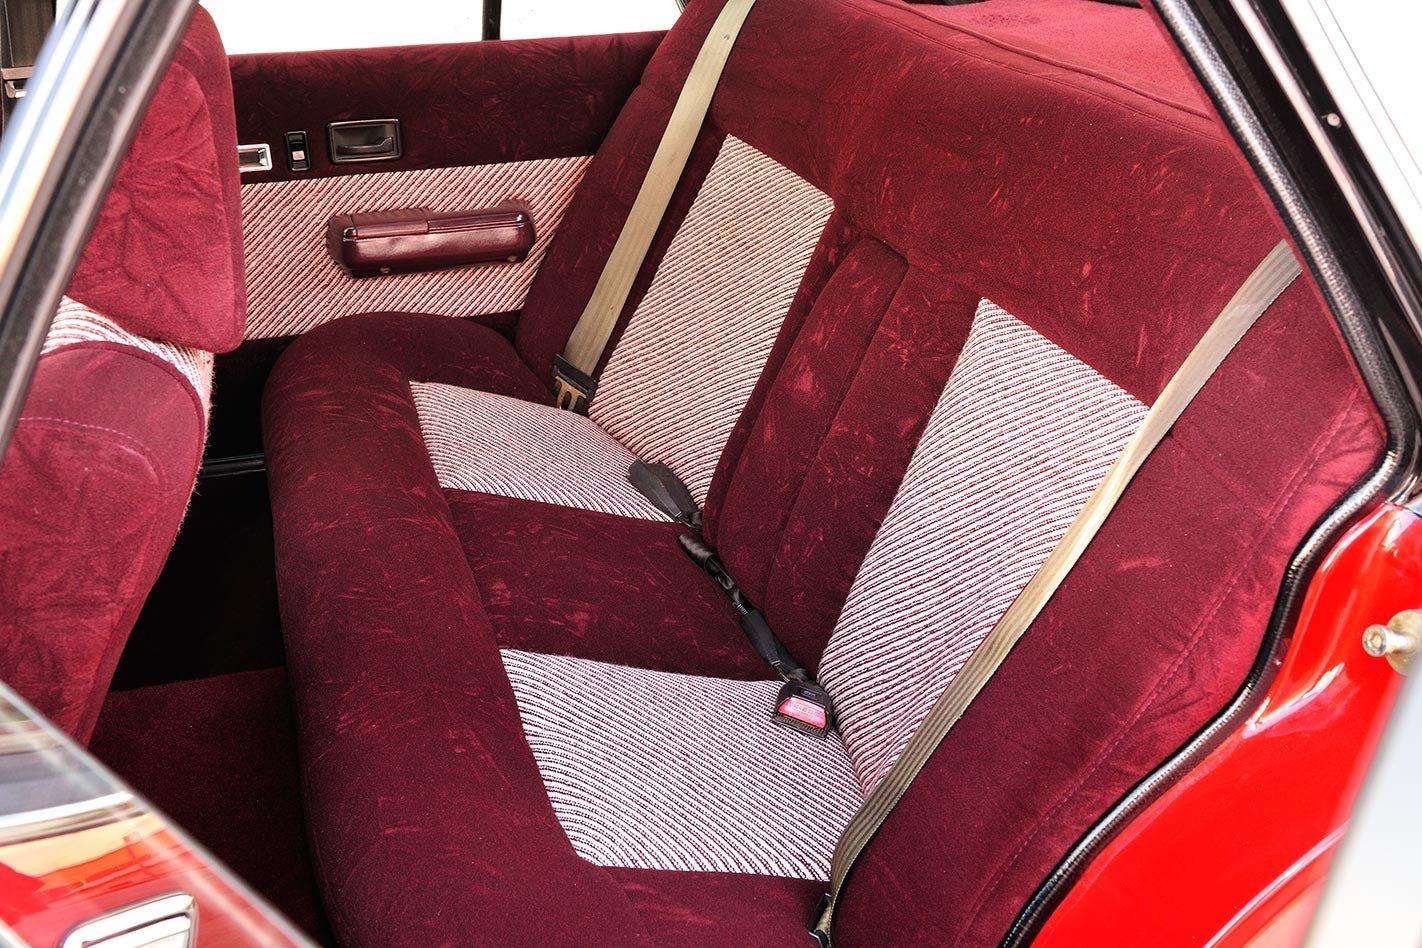 HDT VK Calais interior rear